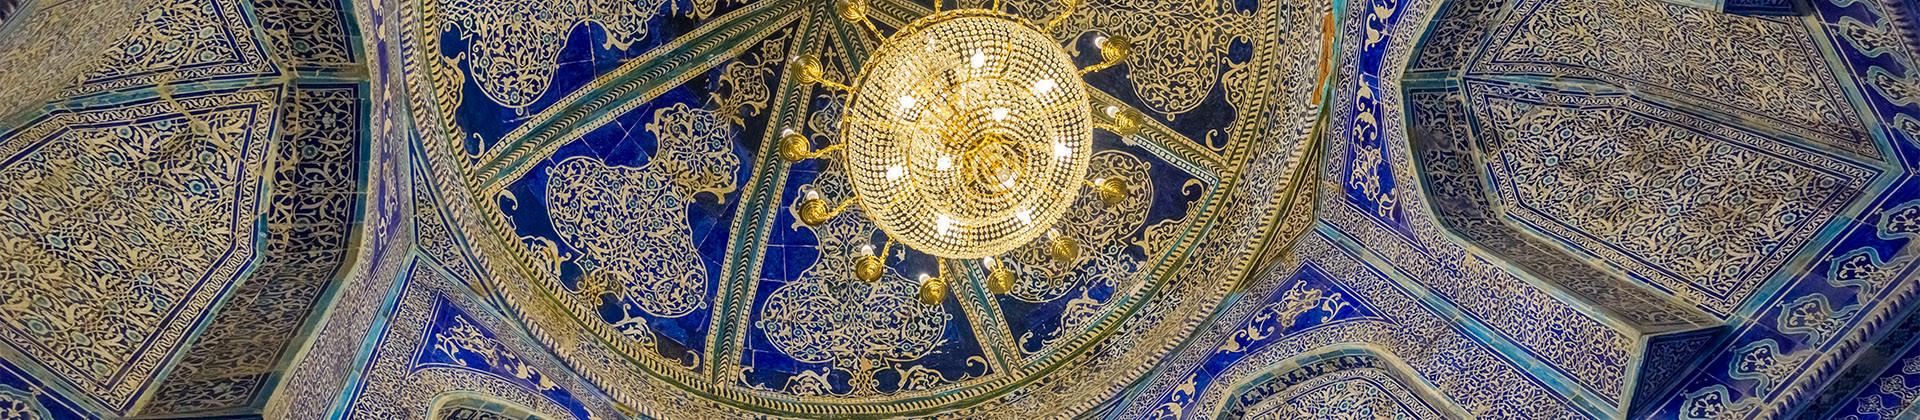 Wonderful Uzbekistan (Premium) - 1